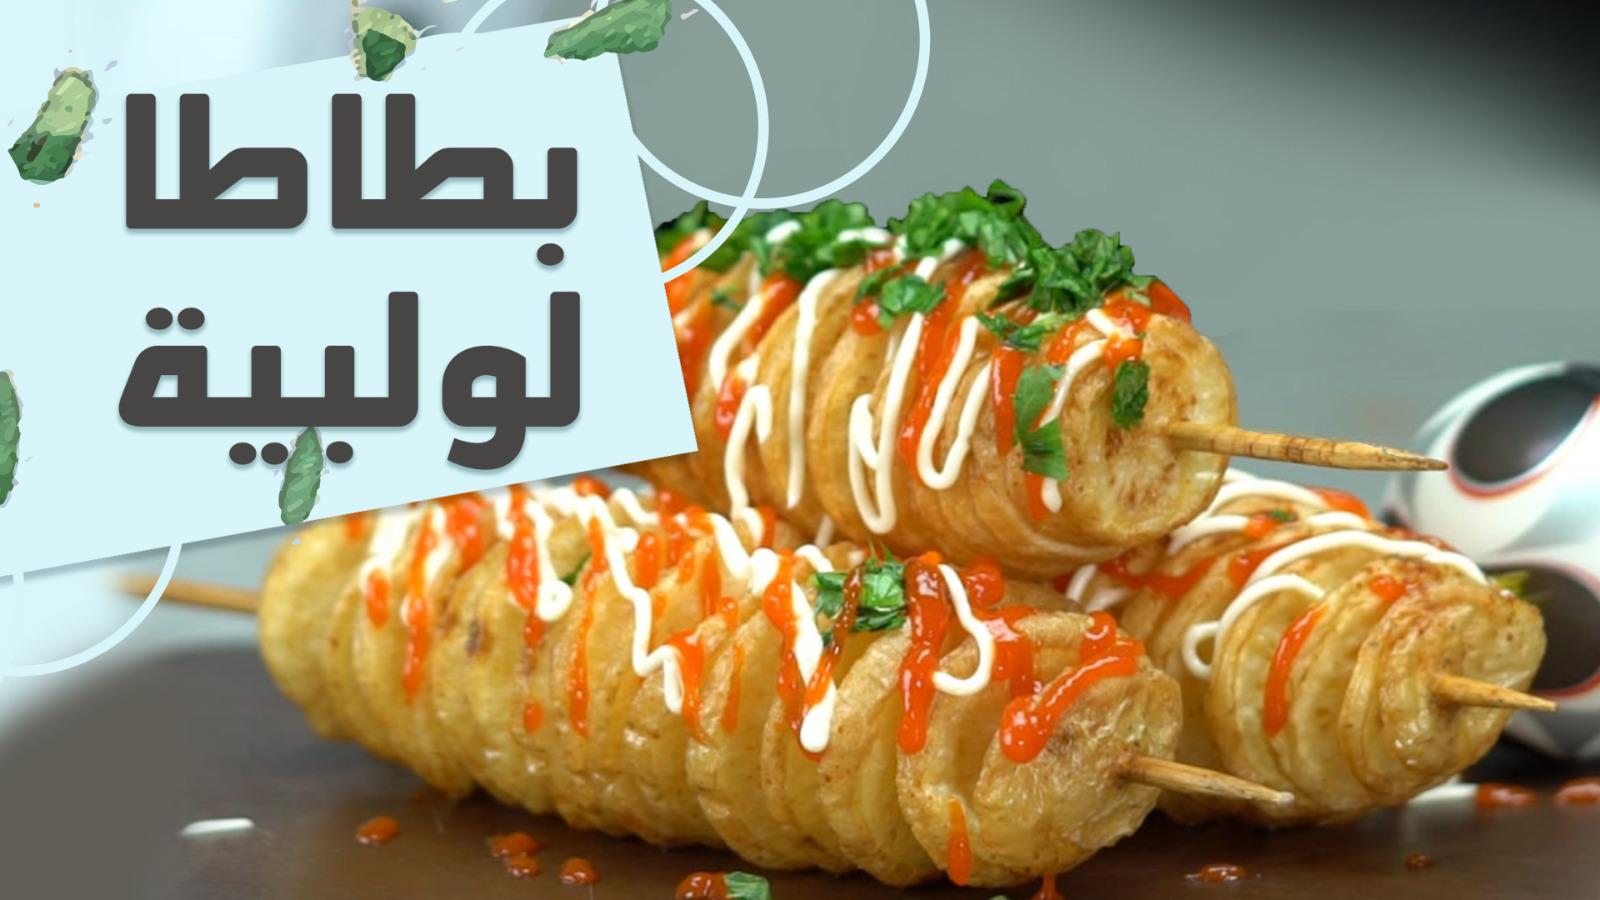 البطاطس اللولبي منال العالم